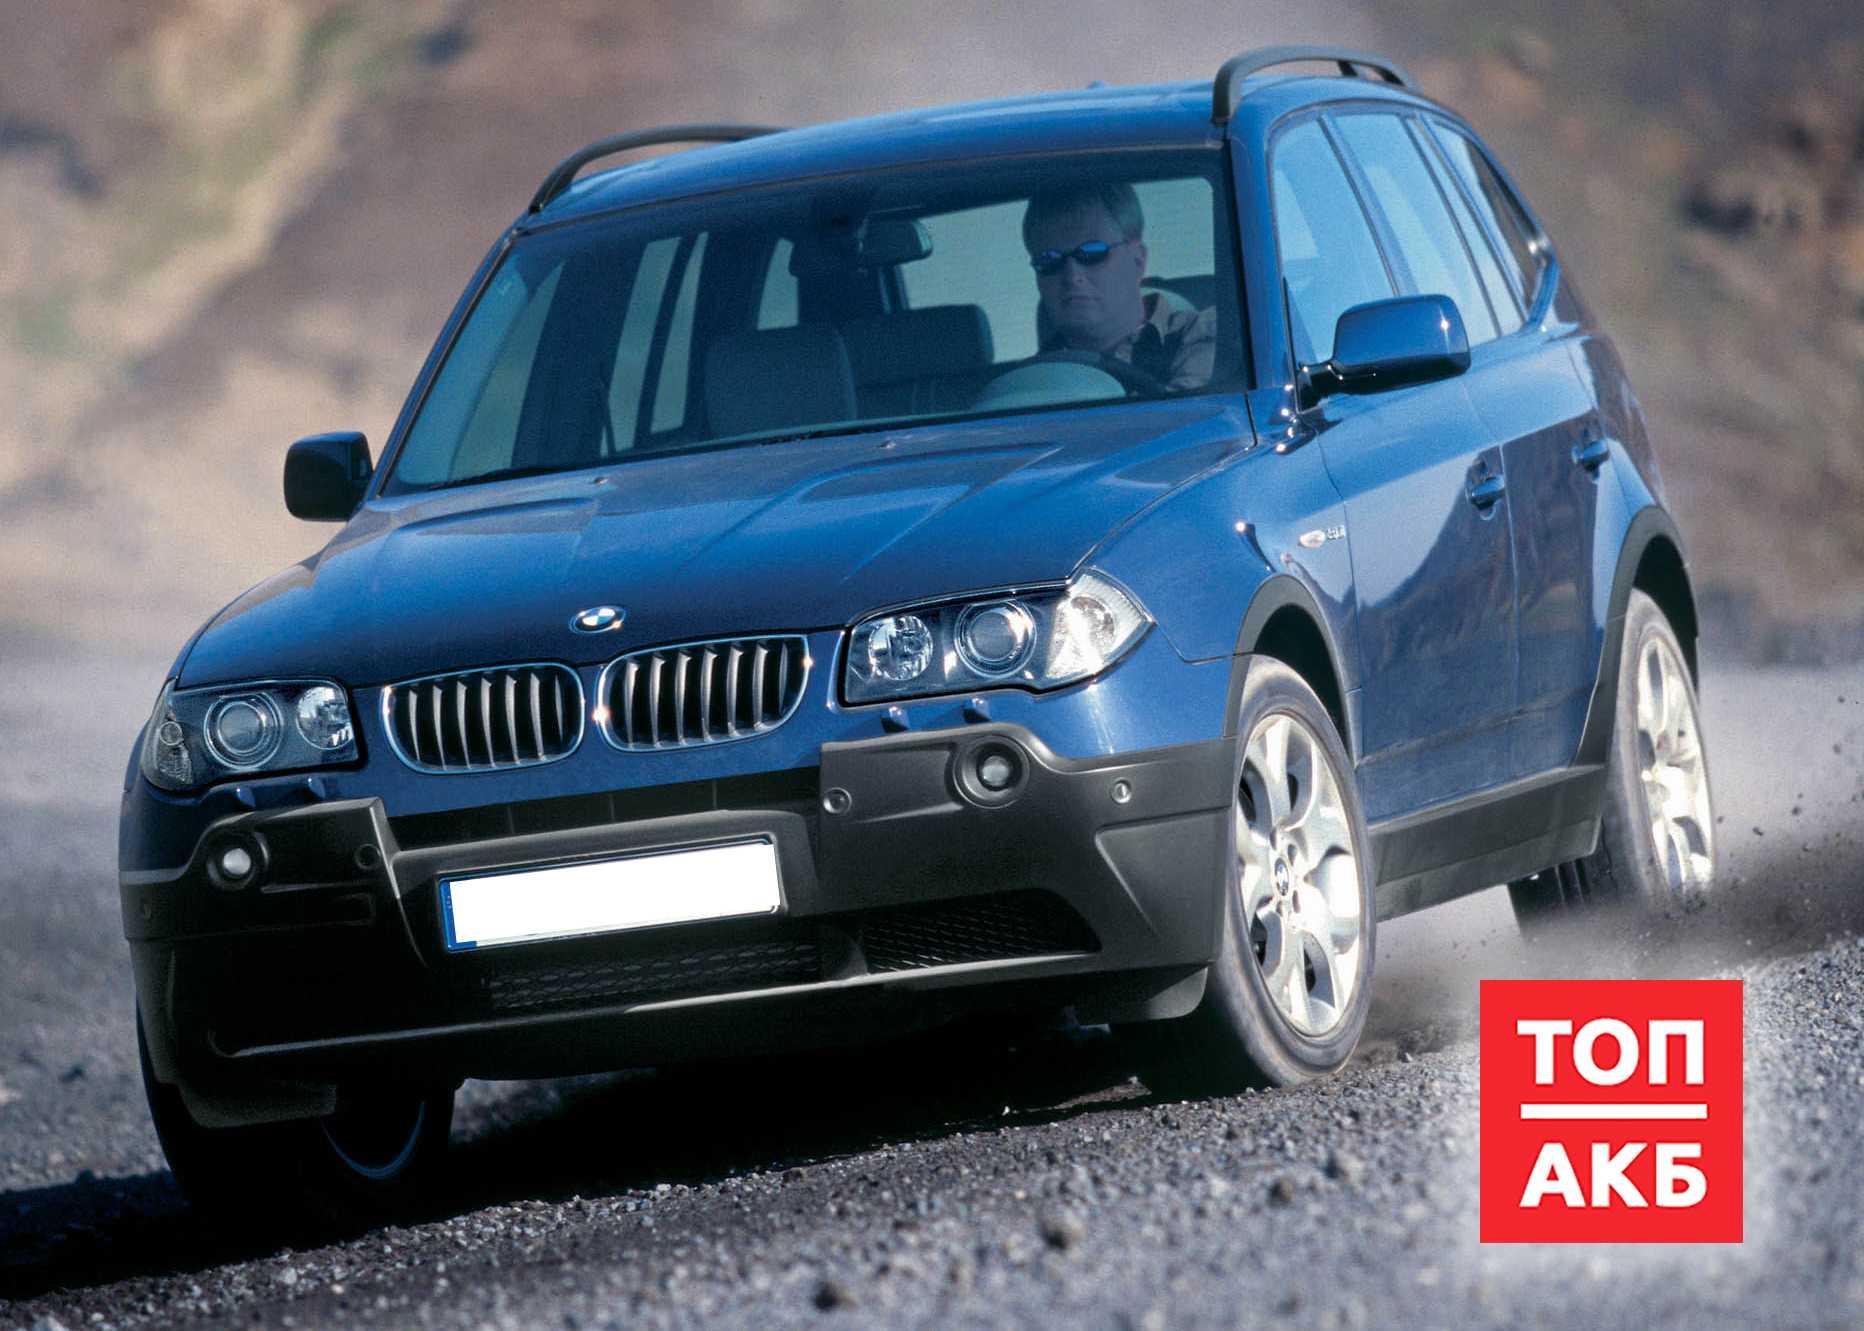 Аккумуляторы для BMW X3 II (F25) 2010 - 2014   - купить в Москве, в интернет-магазине. Аккумуляторы (акб) для BMW X3 II (F25) 2010 - 2014   низкие цены. – ТОП АКБ